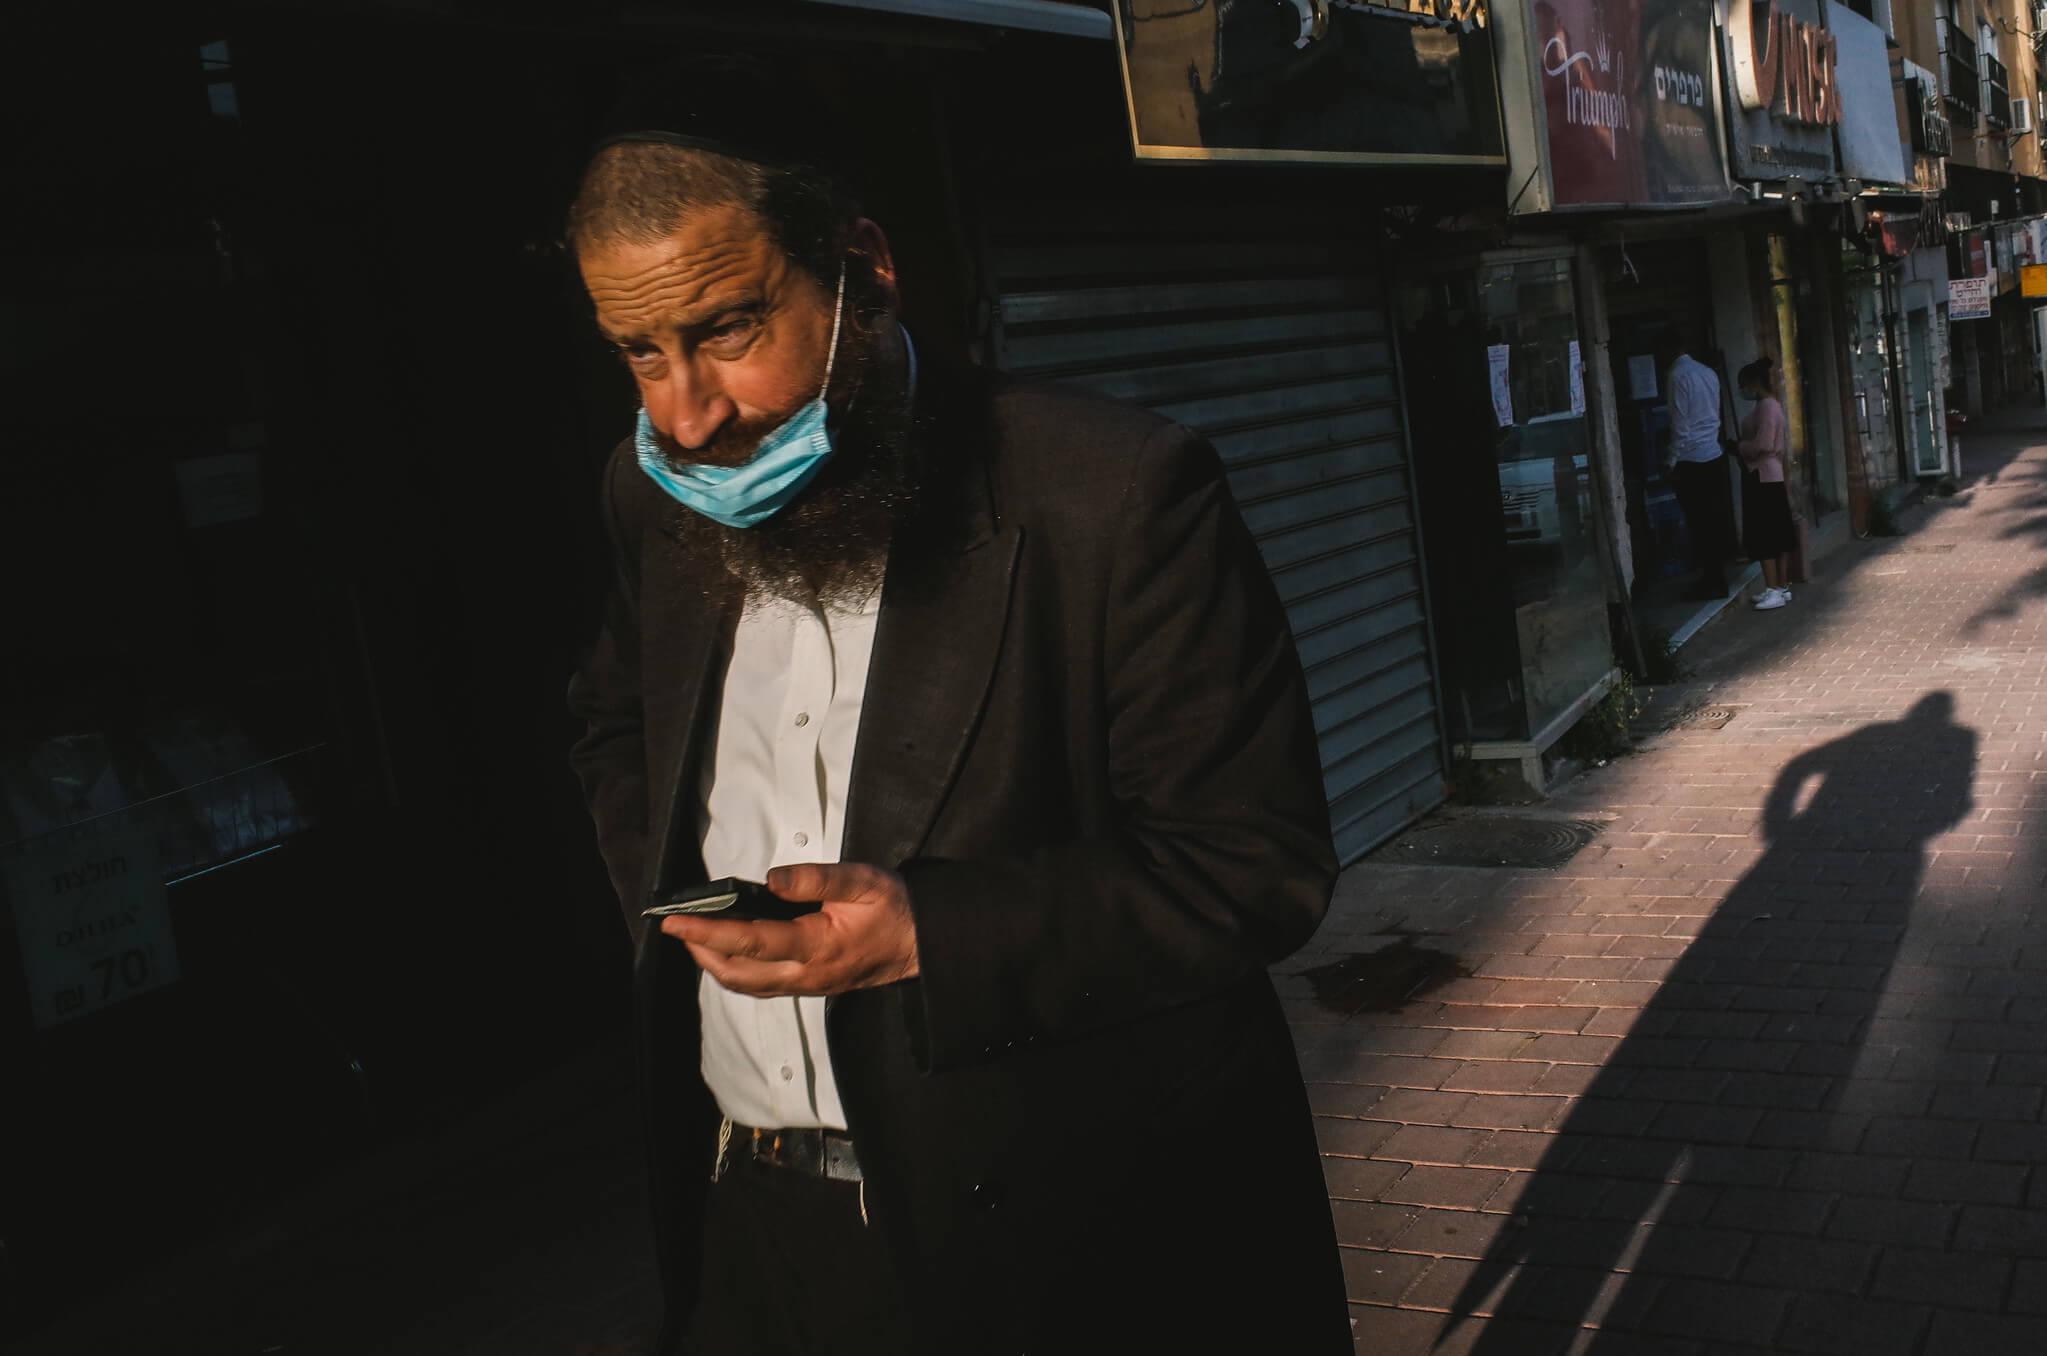 An Ultra-OrthodoxJew in Jerusalem wears a mask per COVID restrictions in Israel